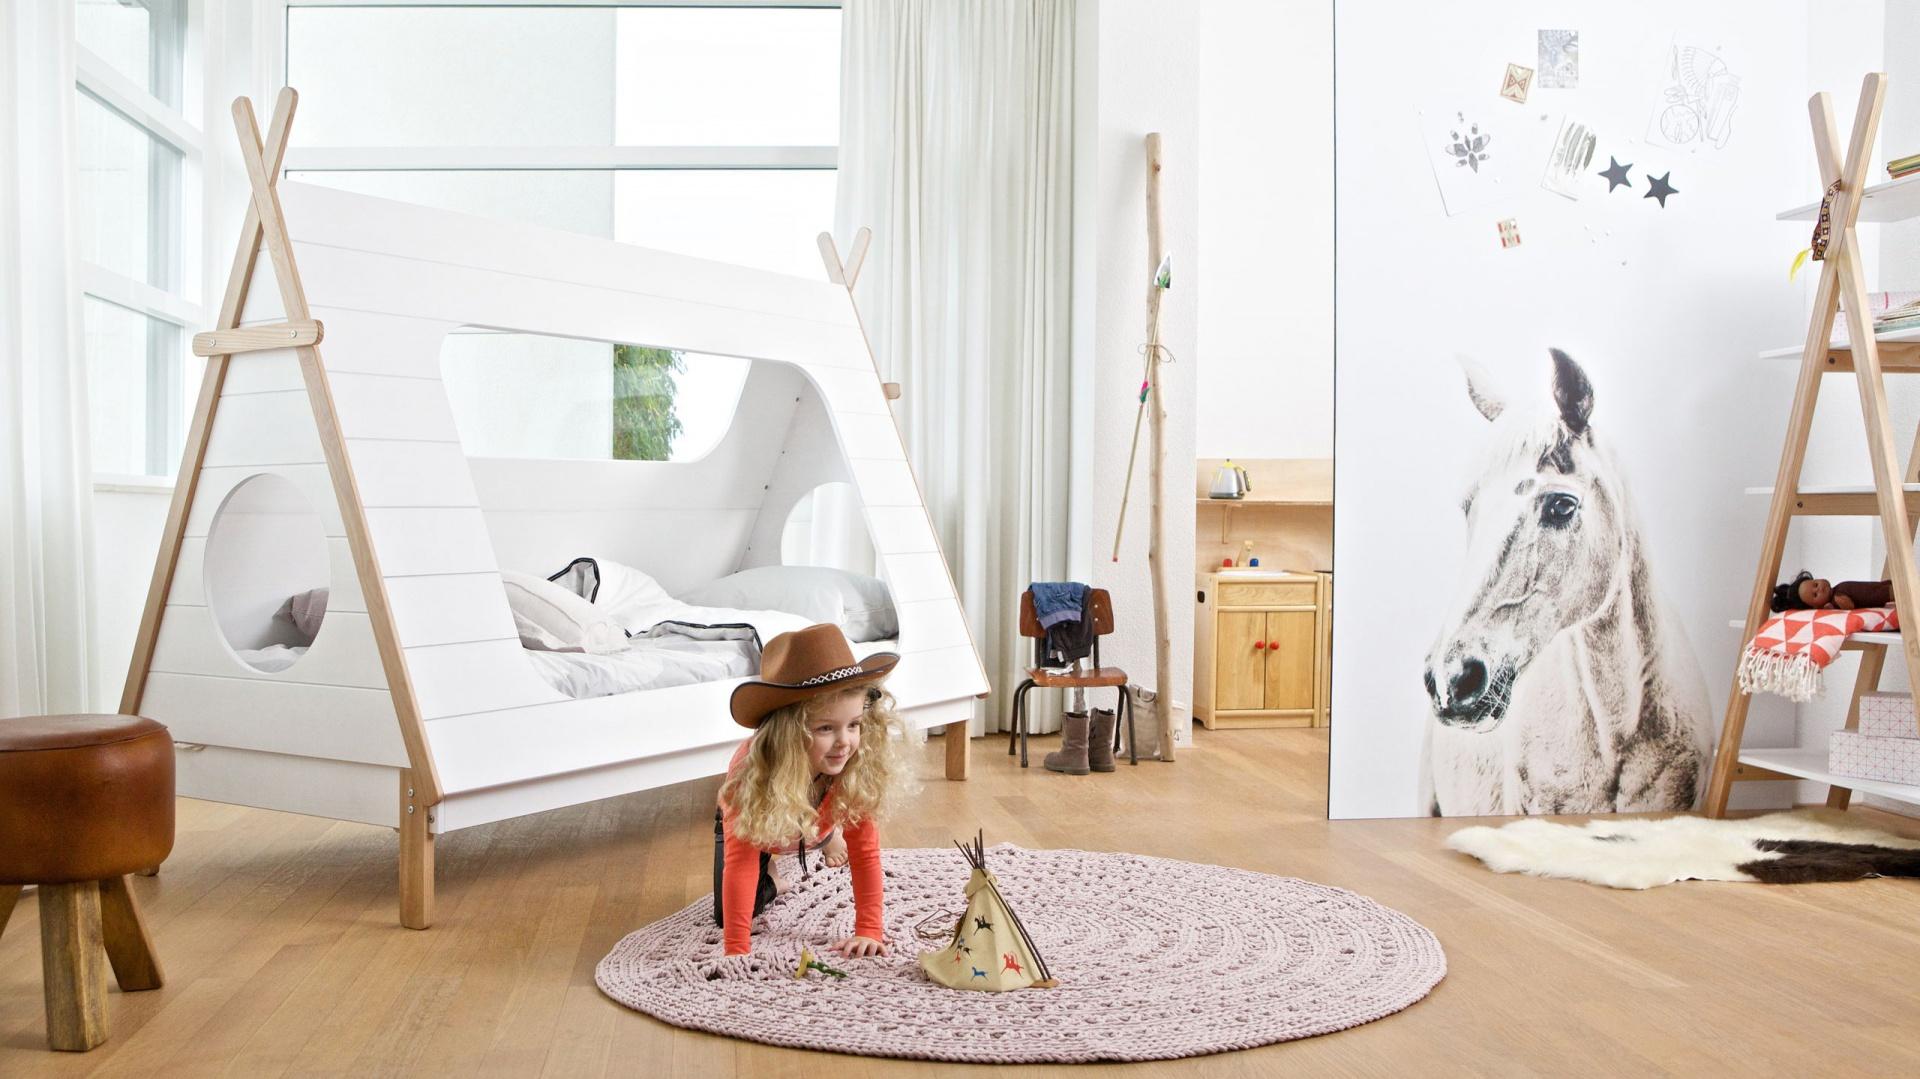 Łóżko TIPI jest idealne dla wodza wioski indiańskiej z wielkim pióropuszem. Zapewni odpowiedni wypoczynek, ale i przestrzeń do doskonałej zabawy. 2.389 zł. Fot. Woood